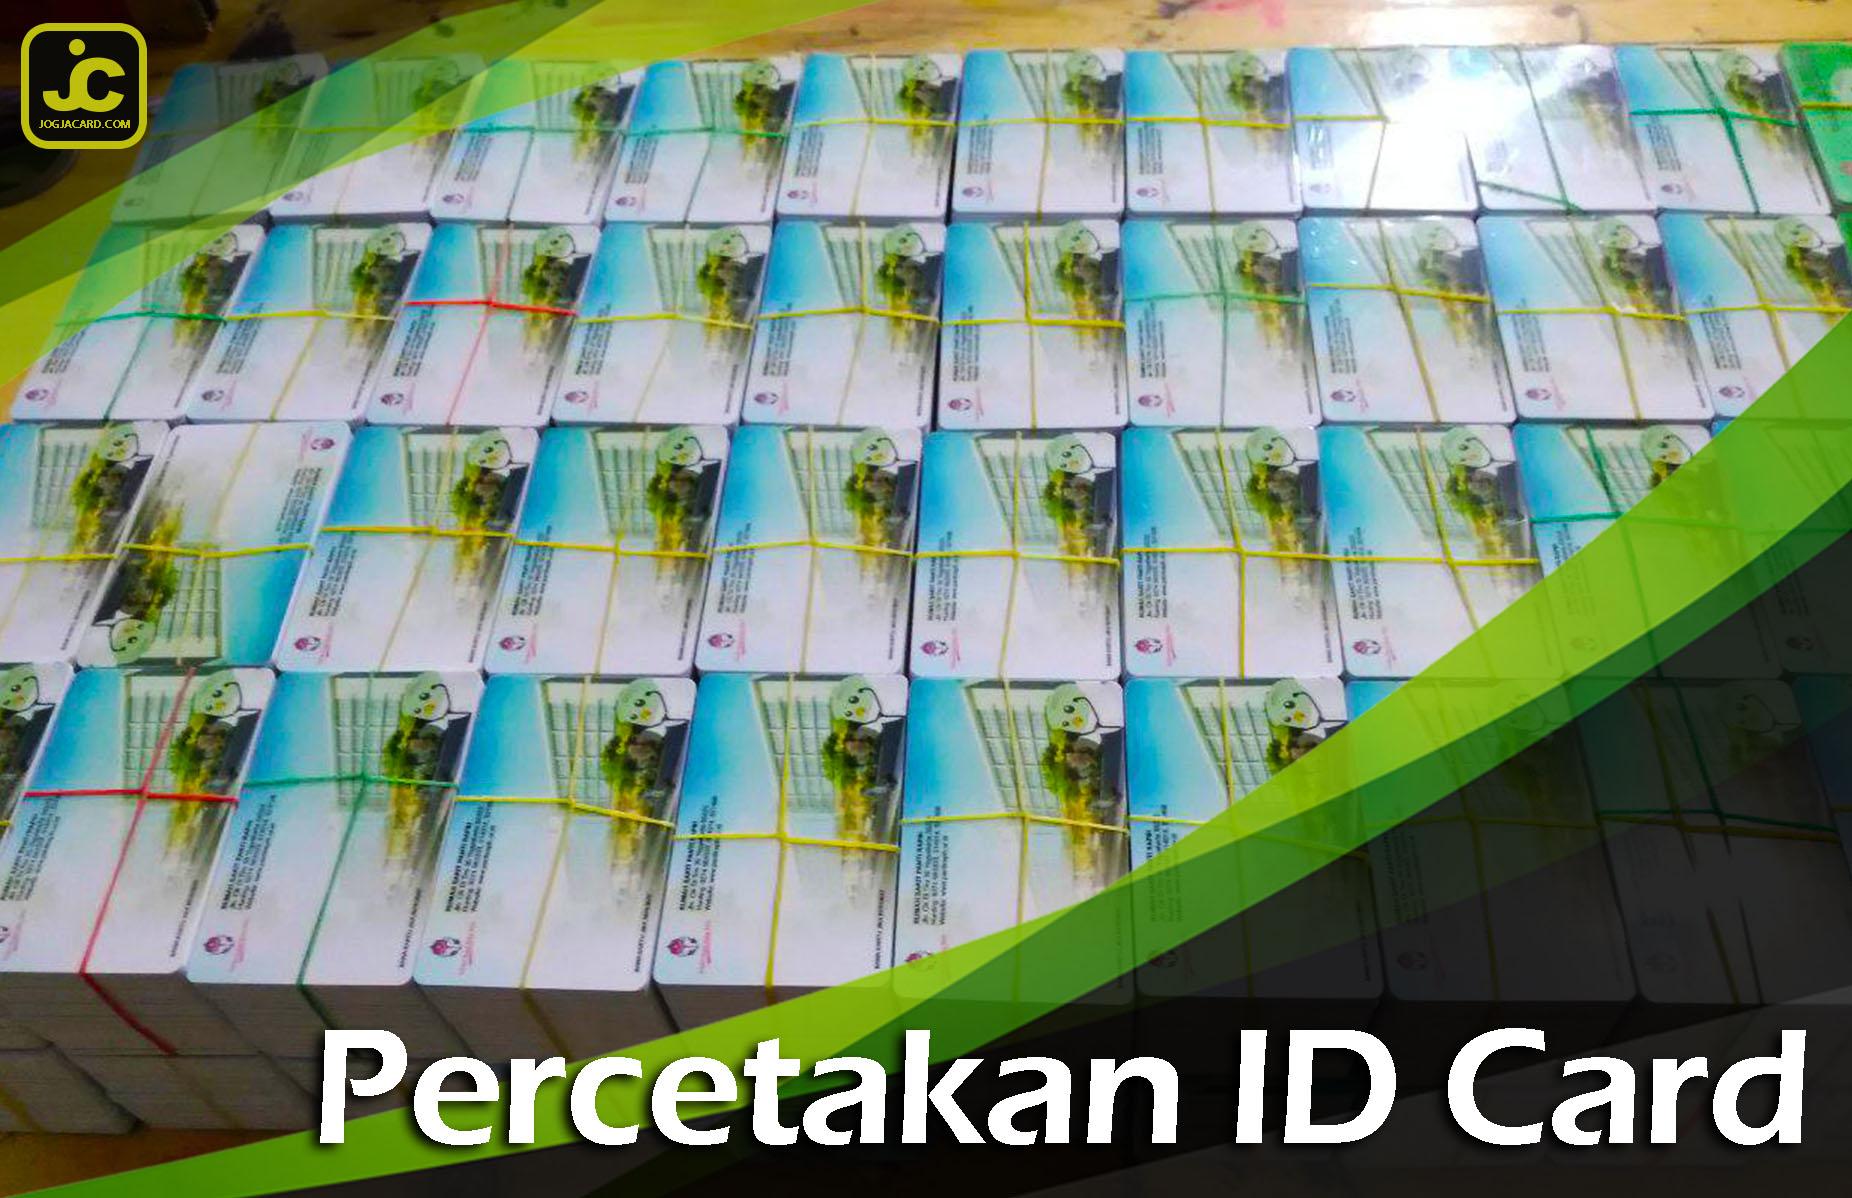 Percetakan ID Card